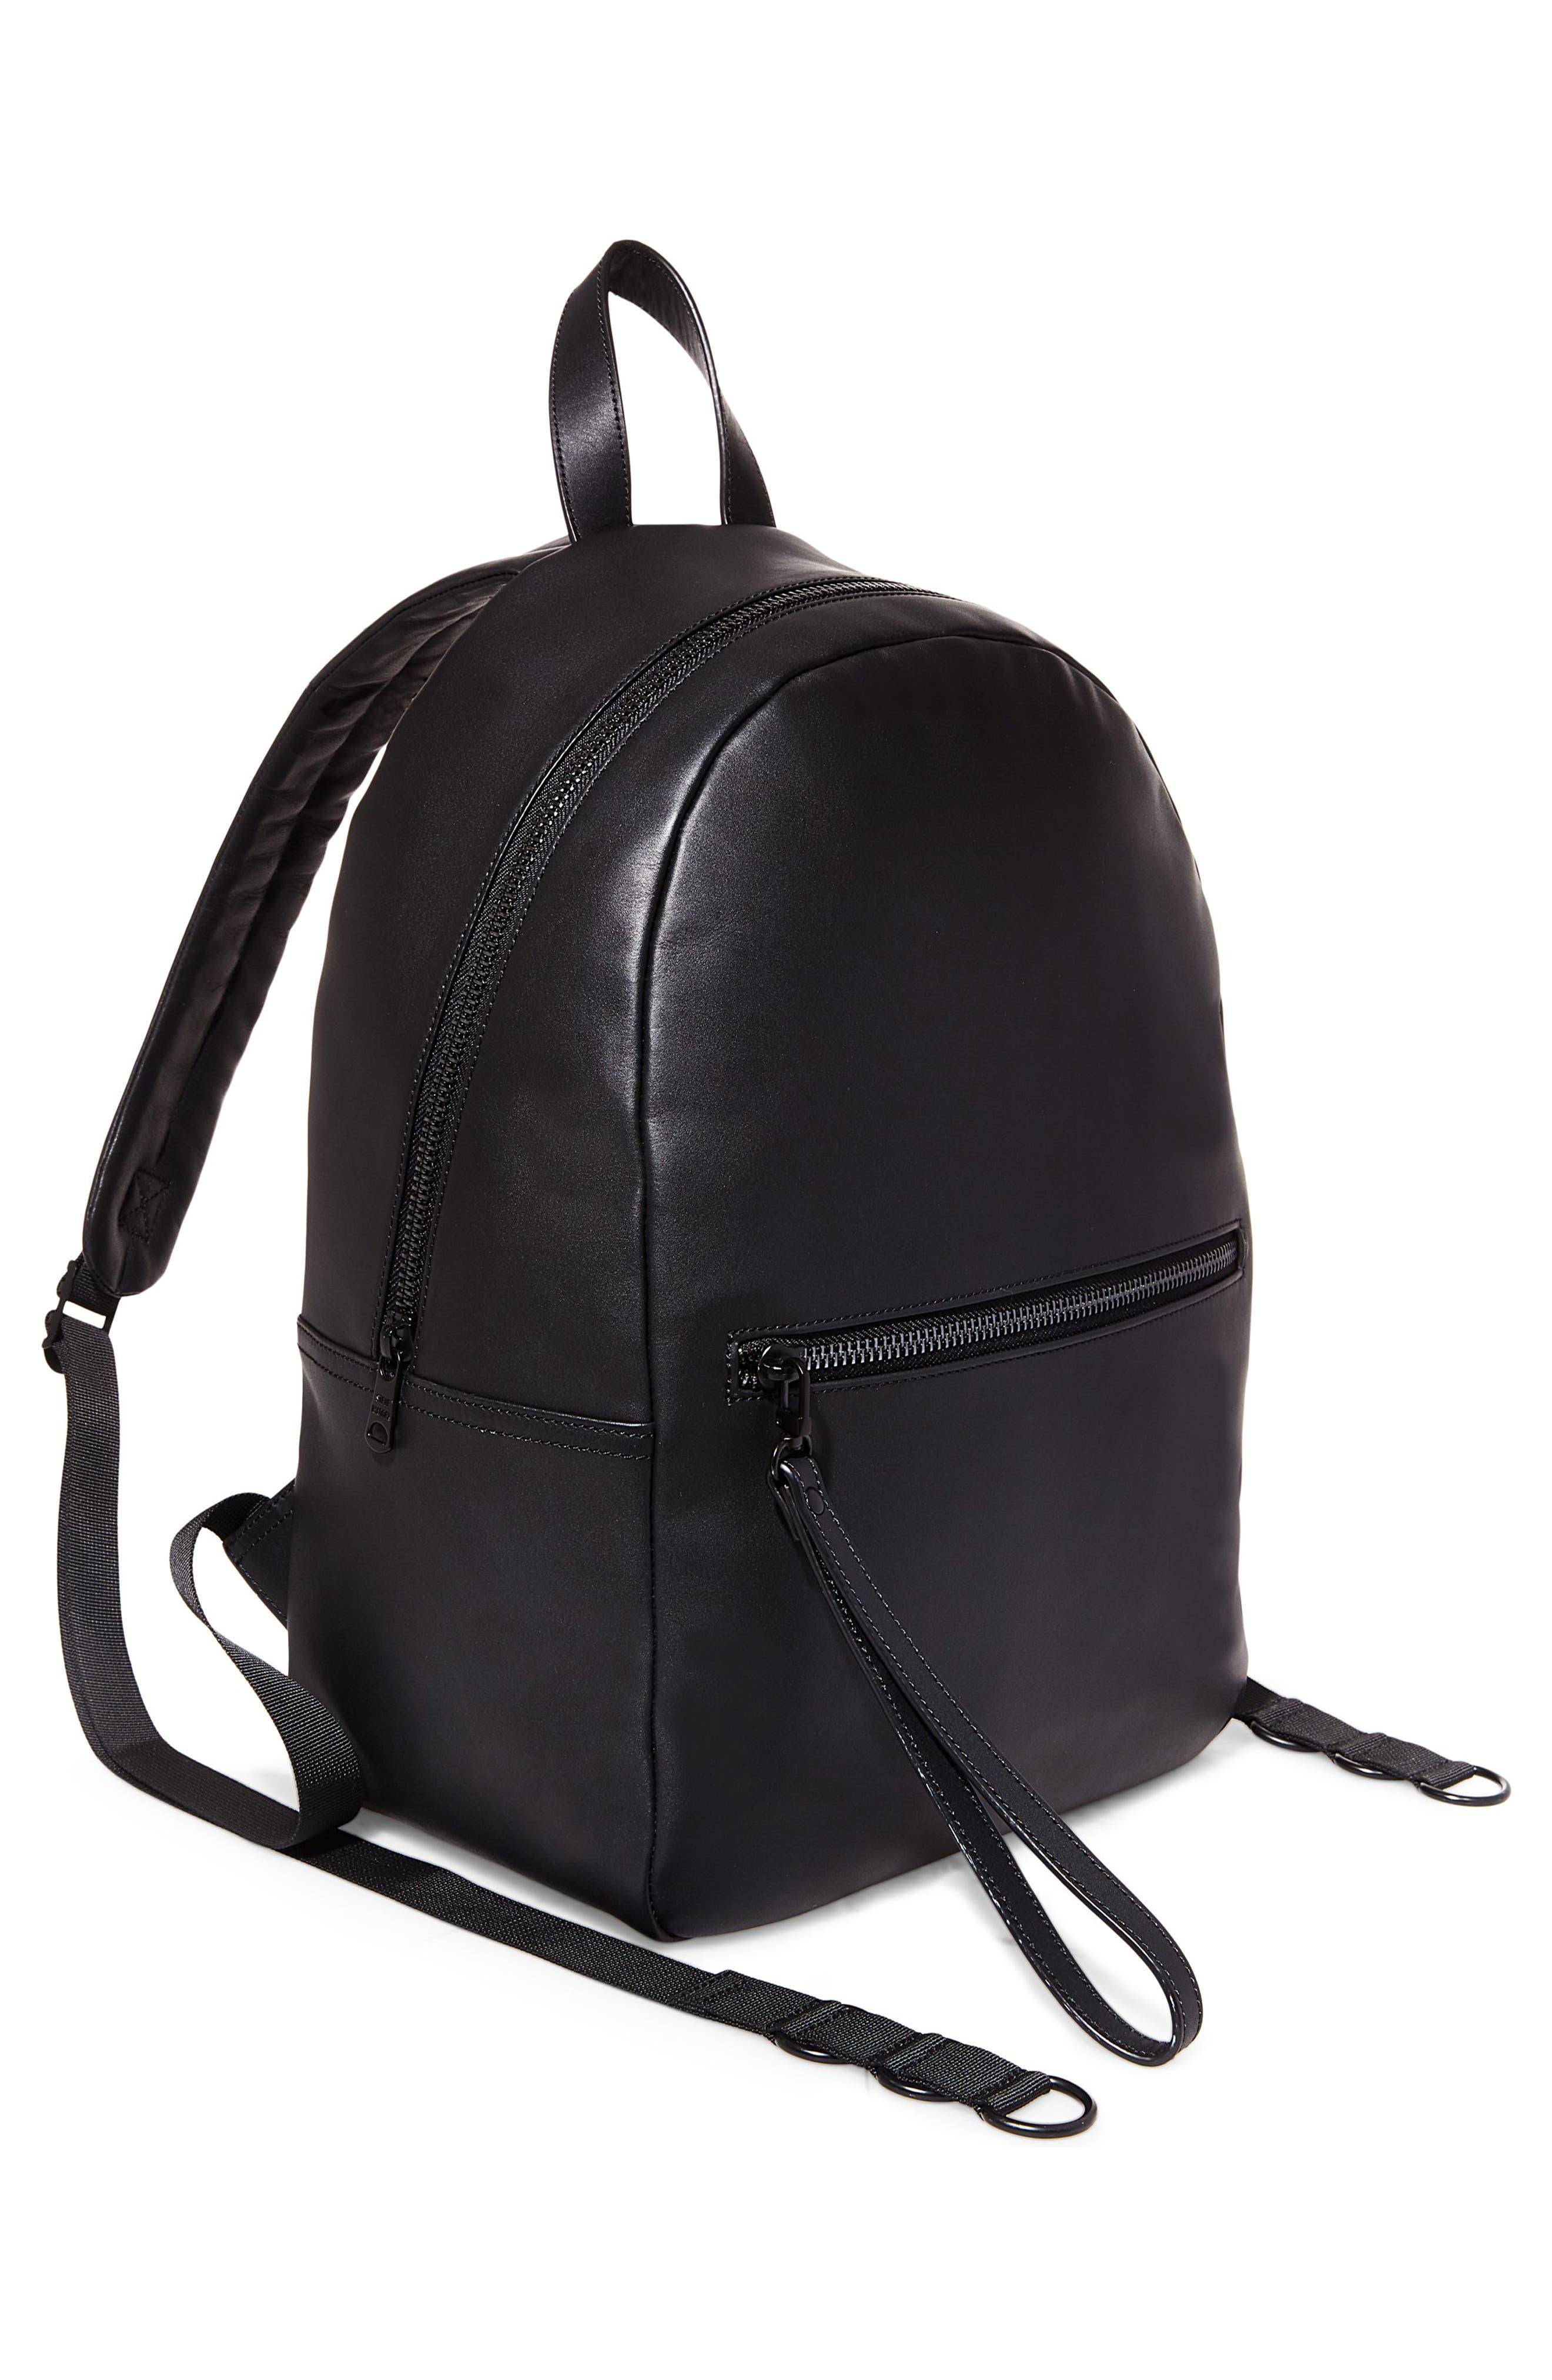 GQ x Steve Madden Leather Backpack,                             Alternate thumbnail 2, color,                             001